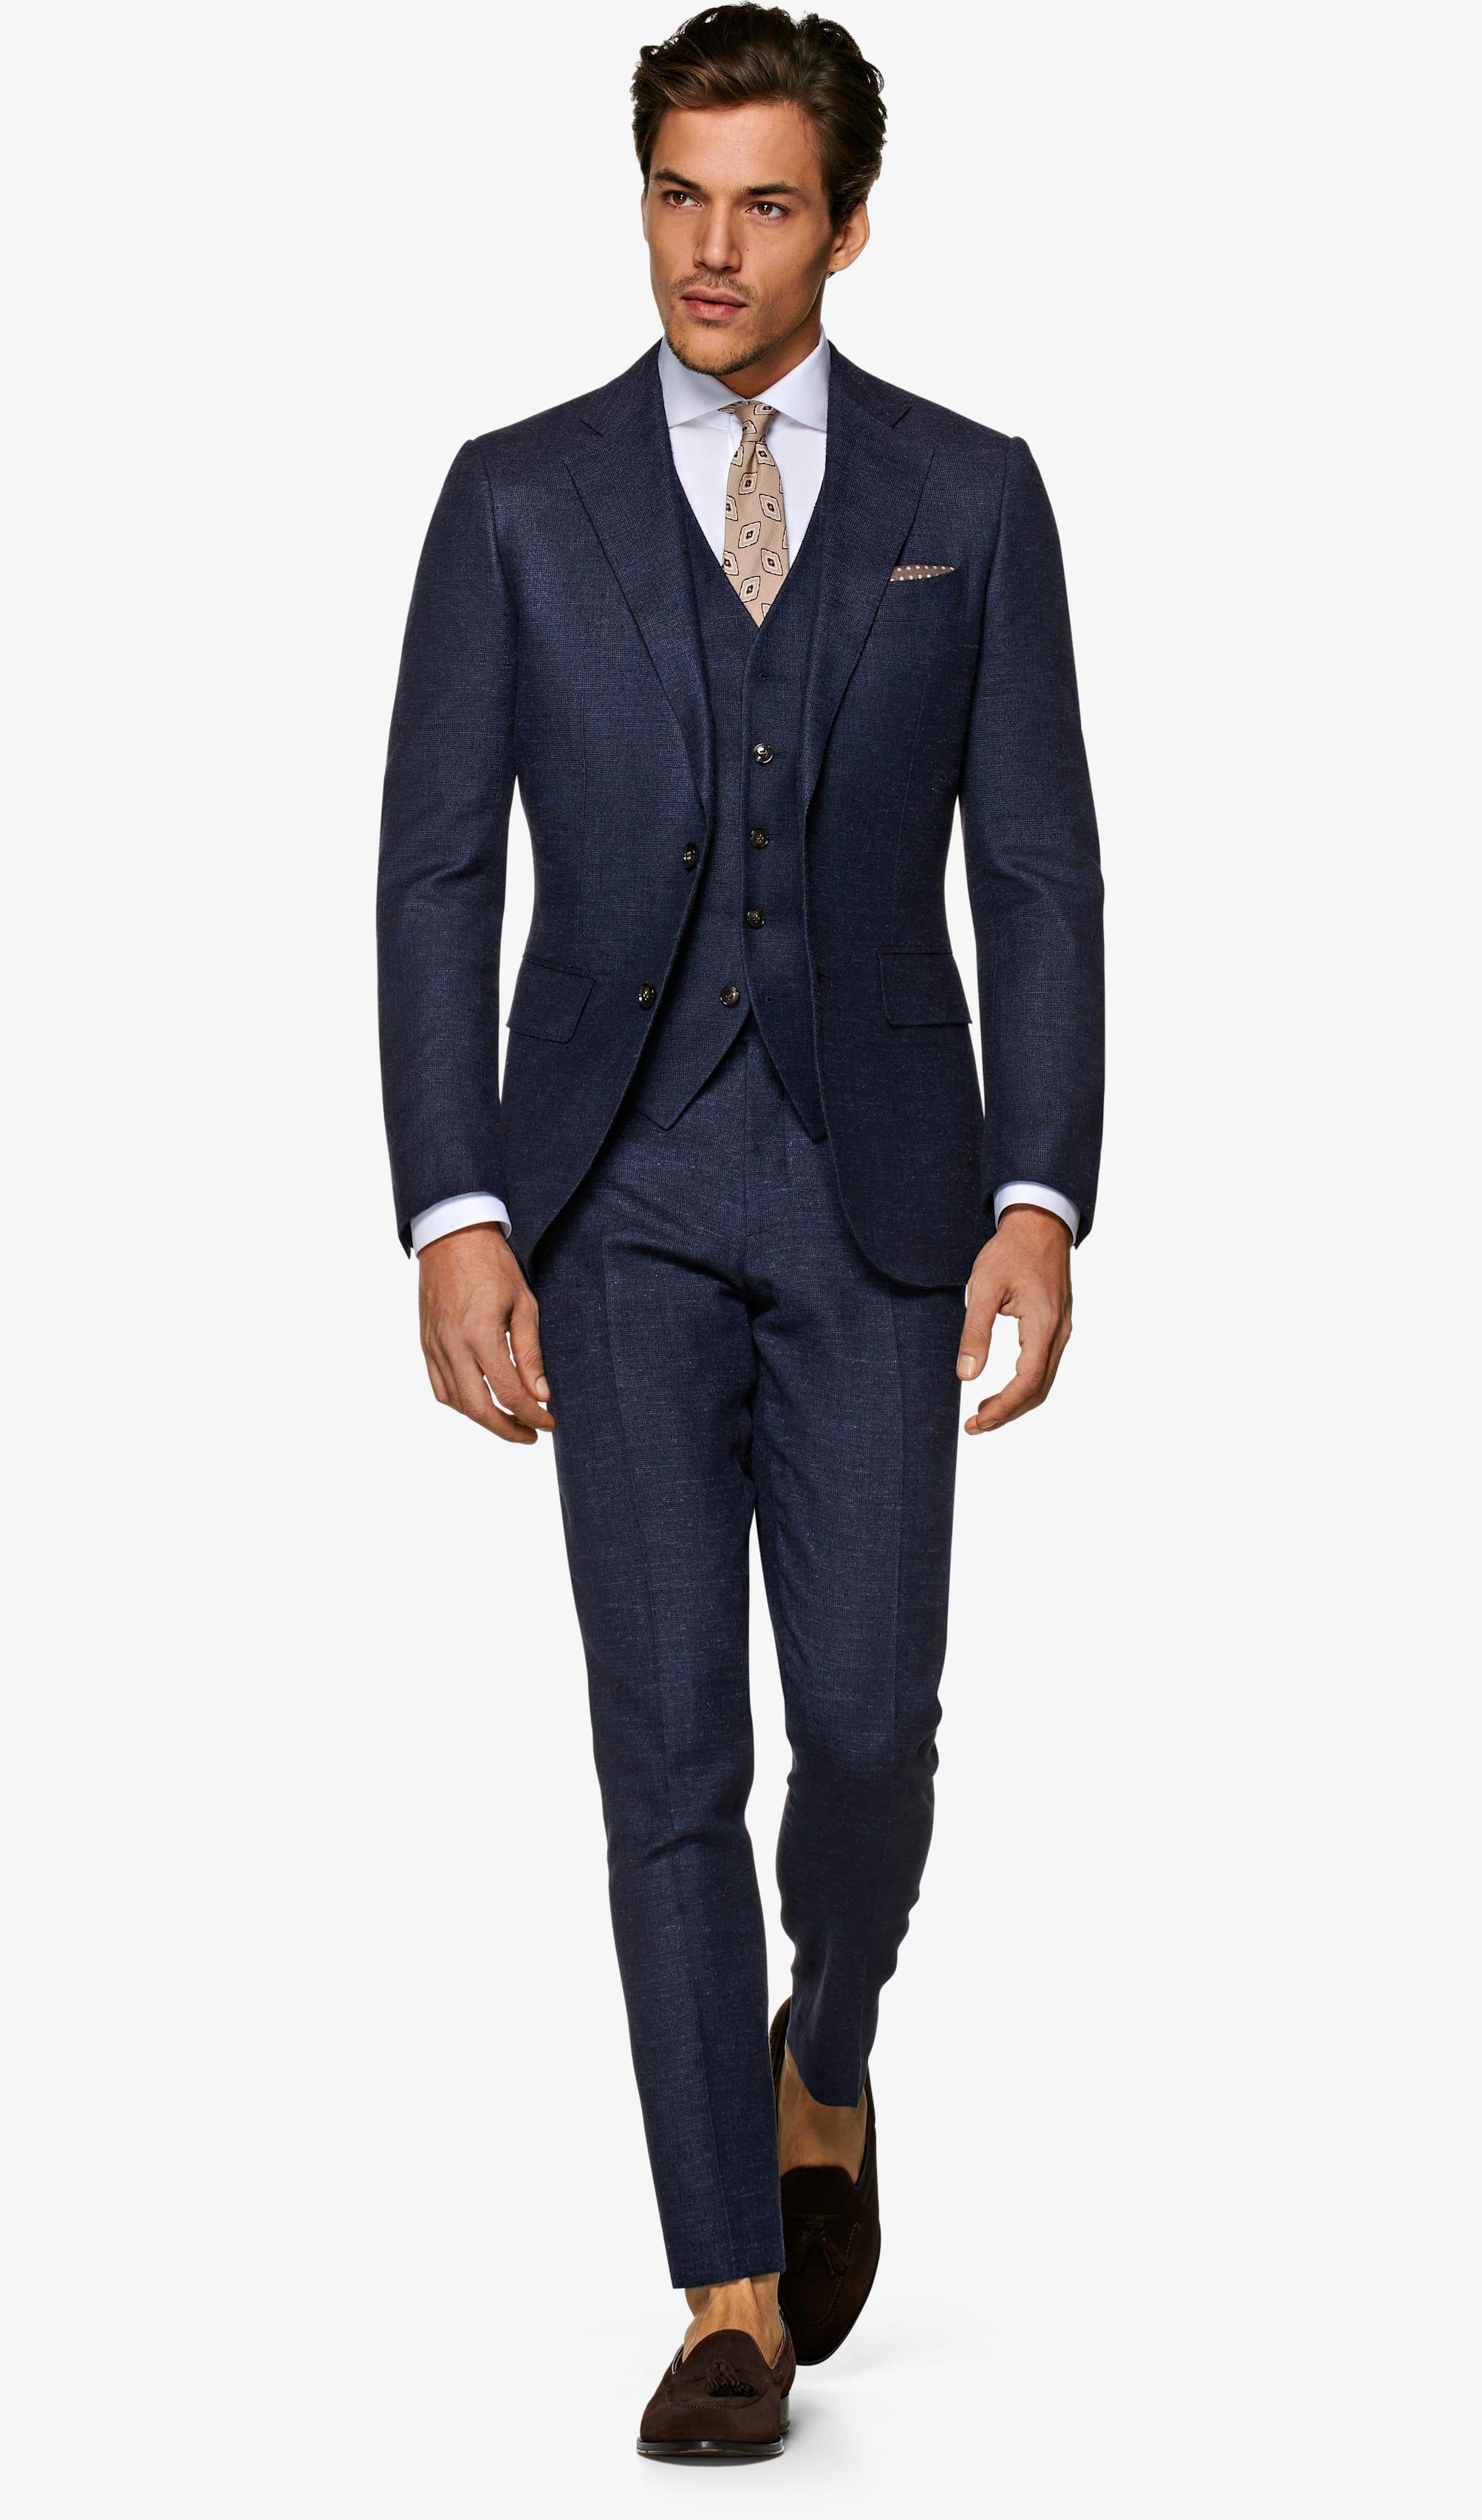 Suit_Blue_Plain_Lazio_P5741I